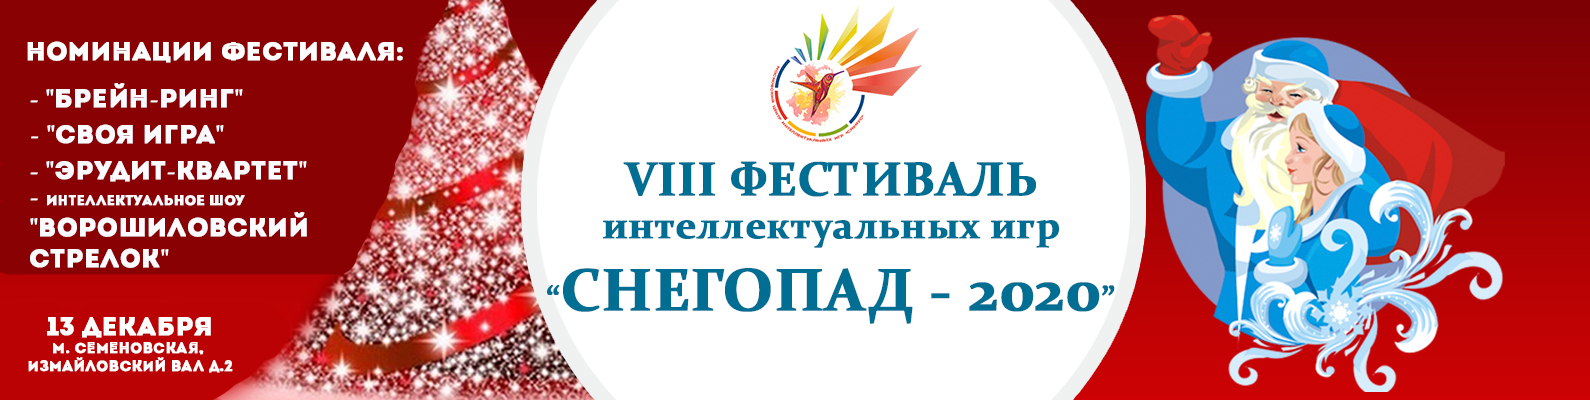 """VIII ФЕСТИВАЛЬ ИНТЕЛЛЕКТУАЛЬНЫХ ИГР """"СНЕГОПАД-2020"""""""